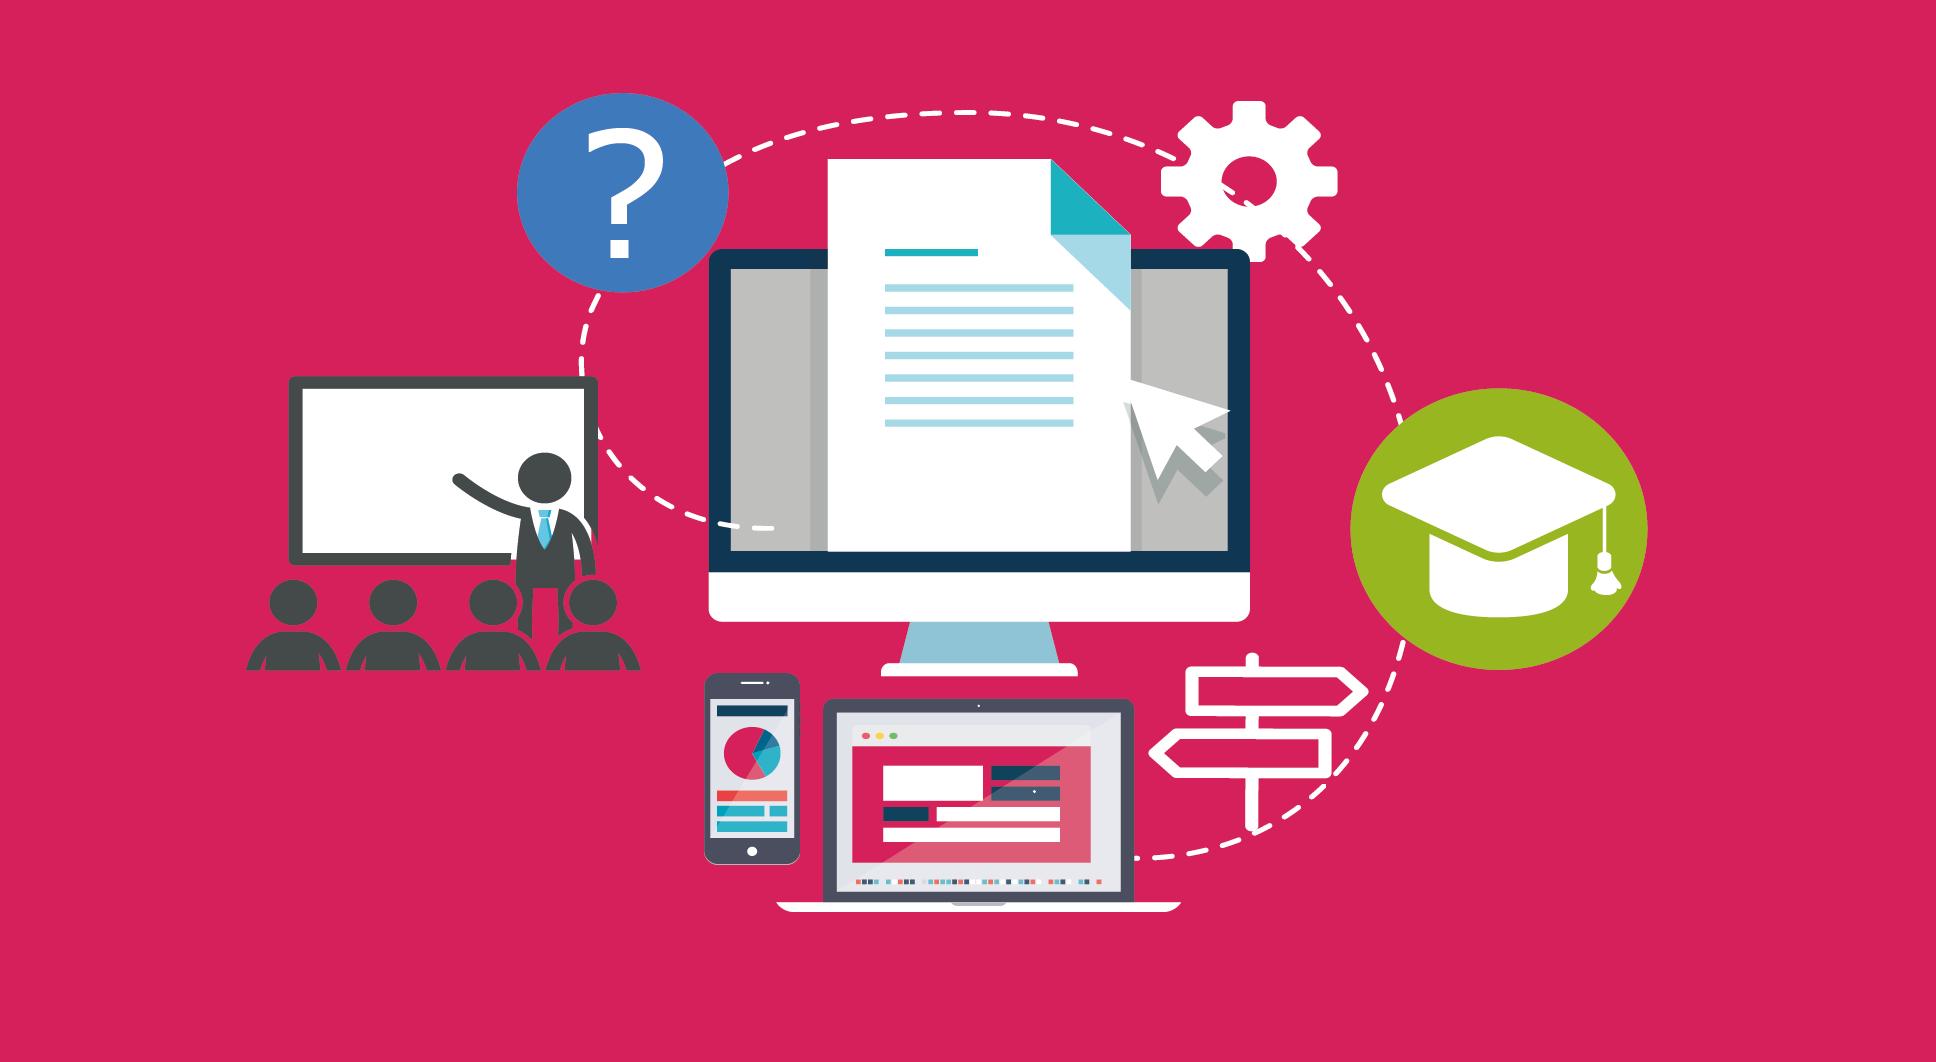 khóa học thiết kế web online bắc giang